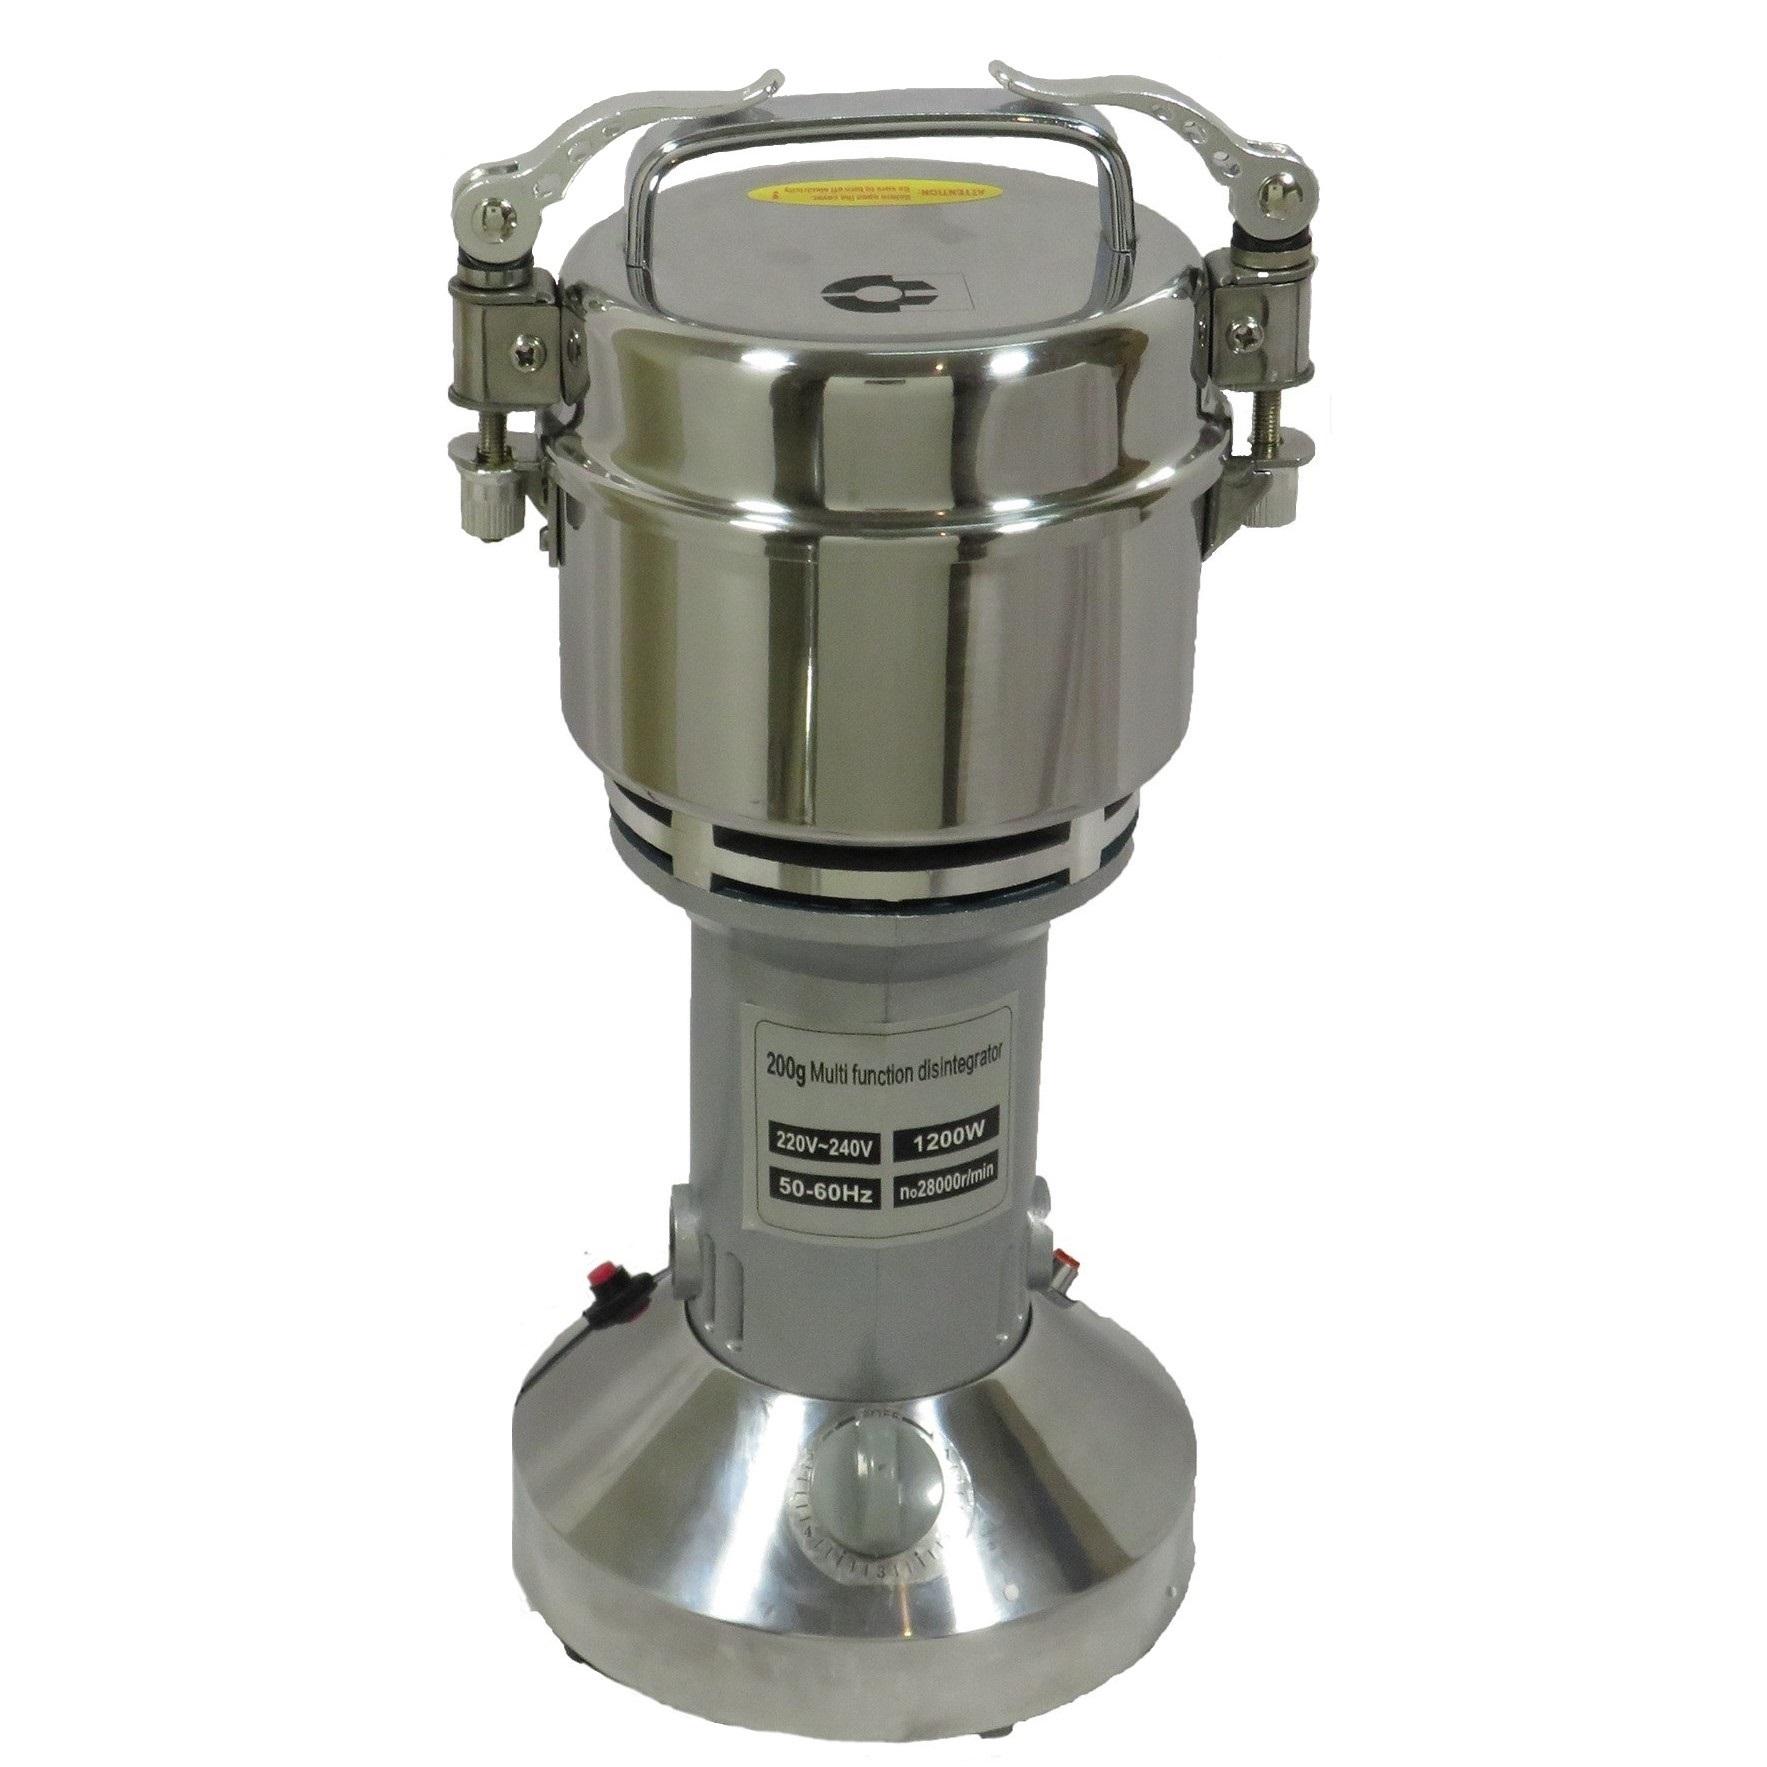 آسیاب نیمه صنعتی مدل 200 گرمی